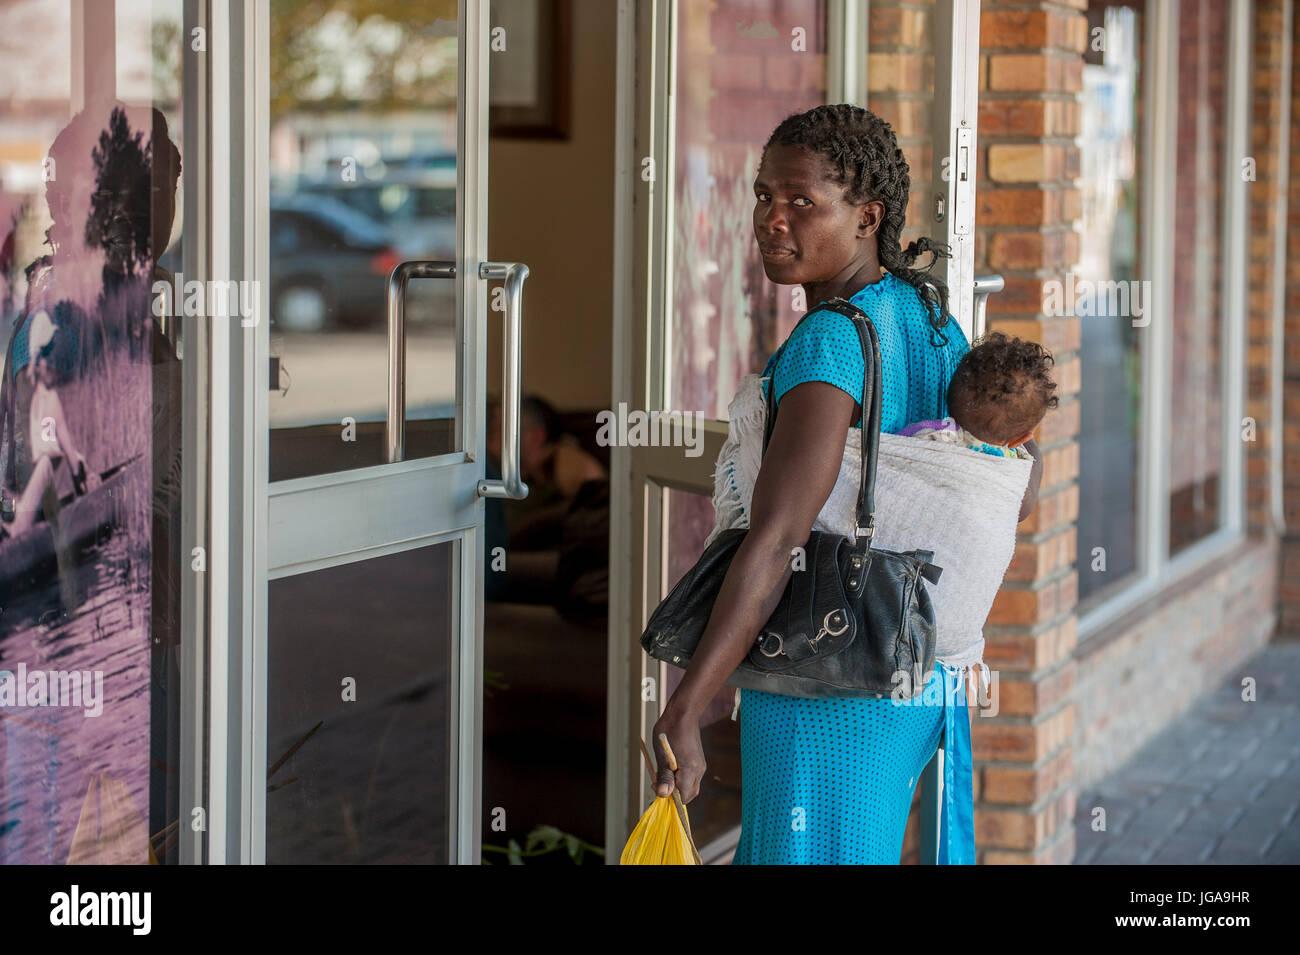 ca08b7c63c0ca Baby Blaue Handtasche Stockfotos   Baby Blaue Handtasche Bilder - Alamy